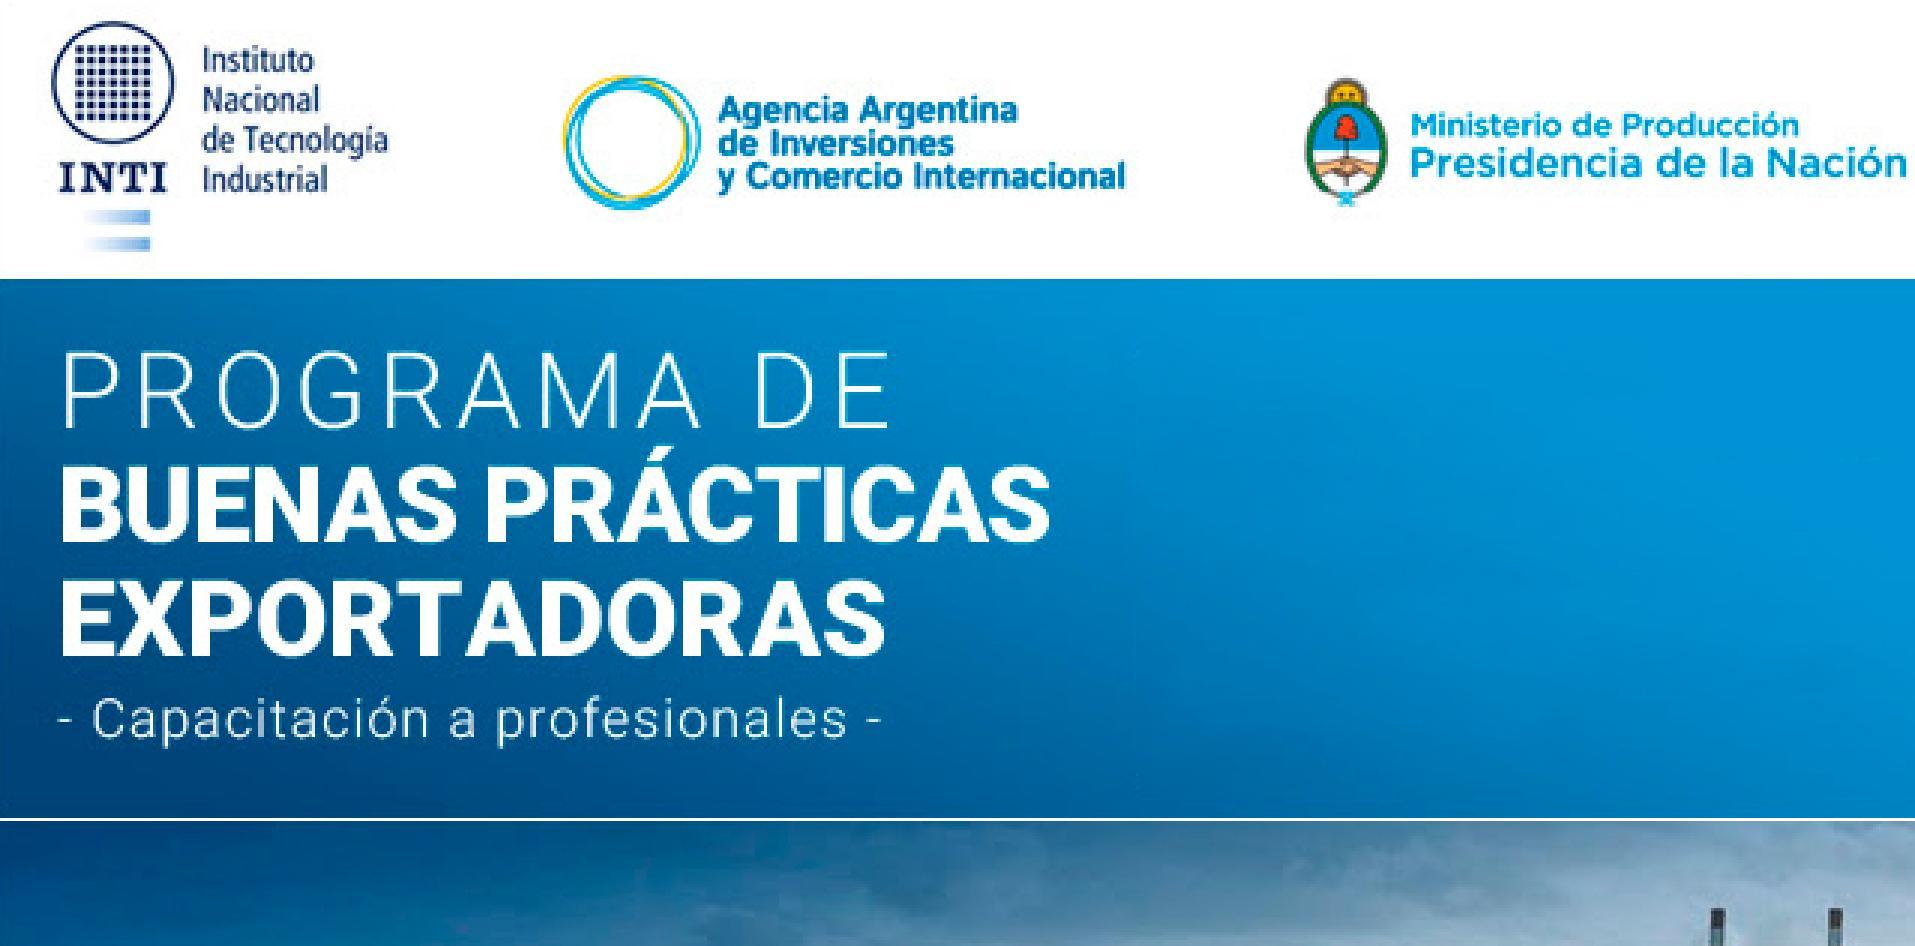 Banner de Buenas prácticas exportadoras